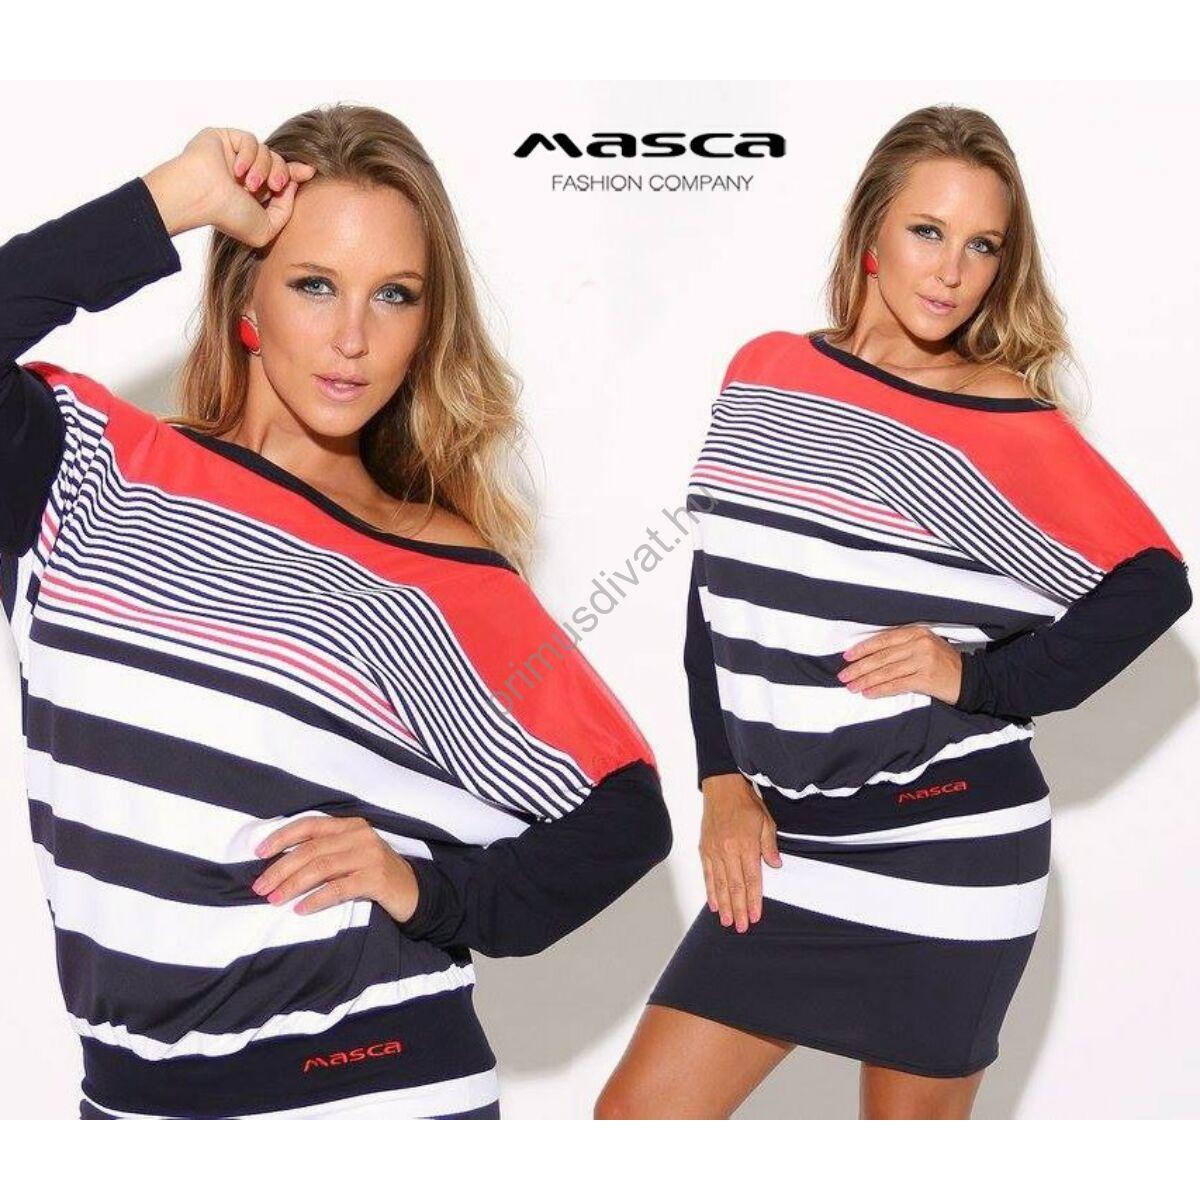 Masca Fashion kék-fehér-piros csíkos denevérujjú miniruha 56c3e699e8